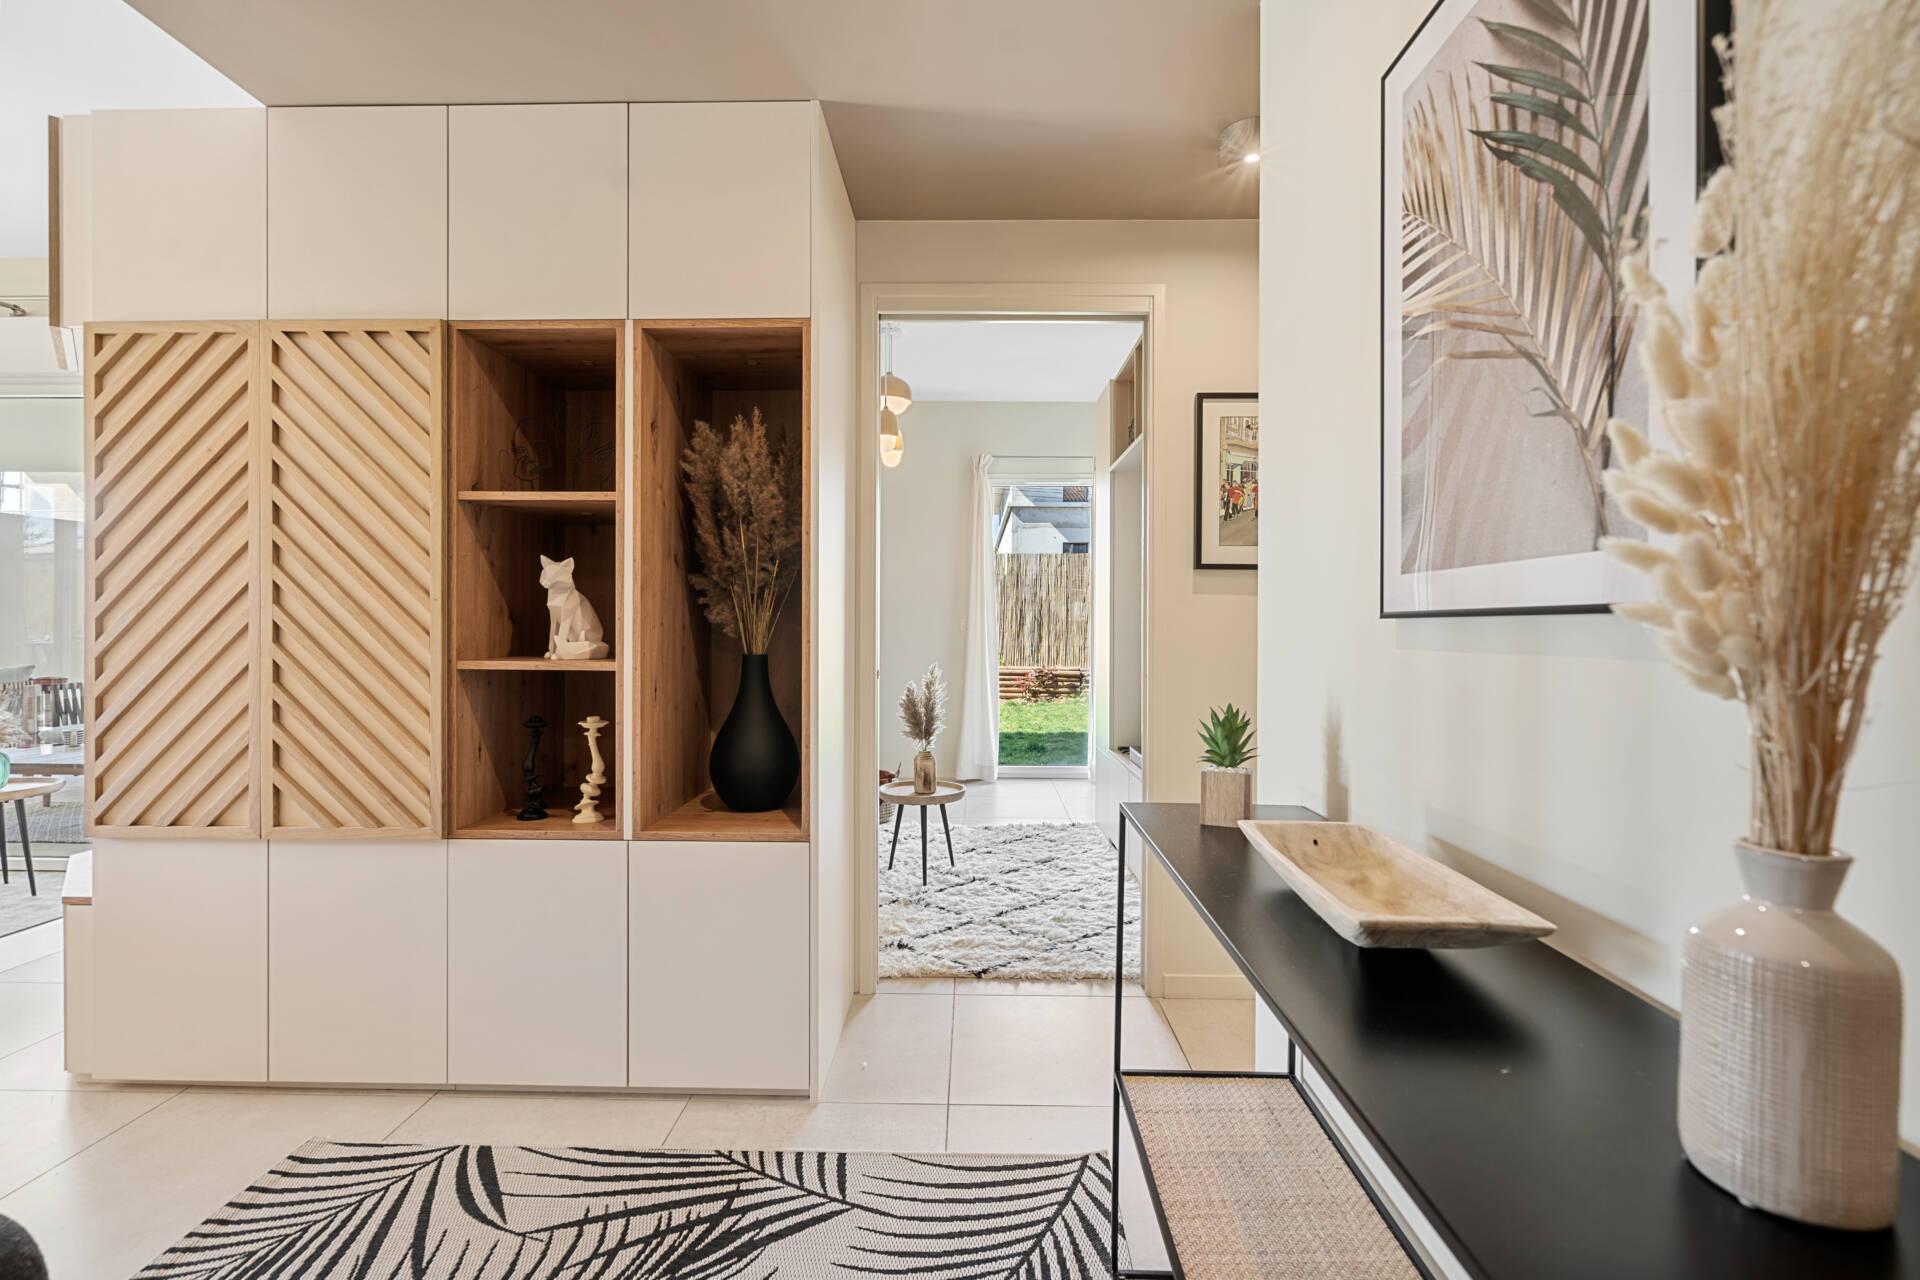 Décoration et agencement Appartement neuf Aix en Provence - entrée meuble sur mesure claustra, par Myll décors , Agence de décoration à Aix en Provence et dans le Var